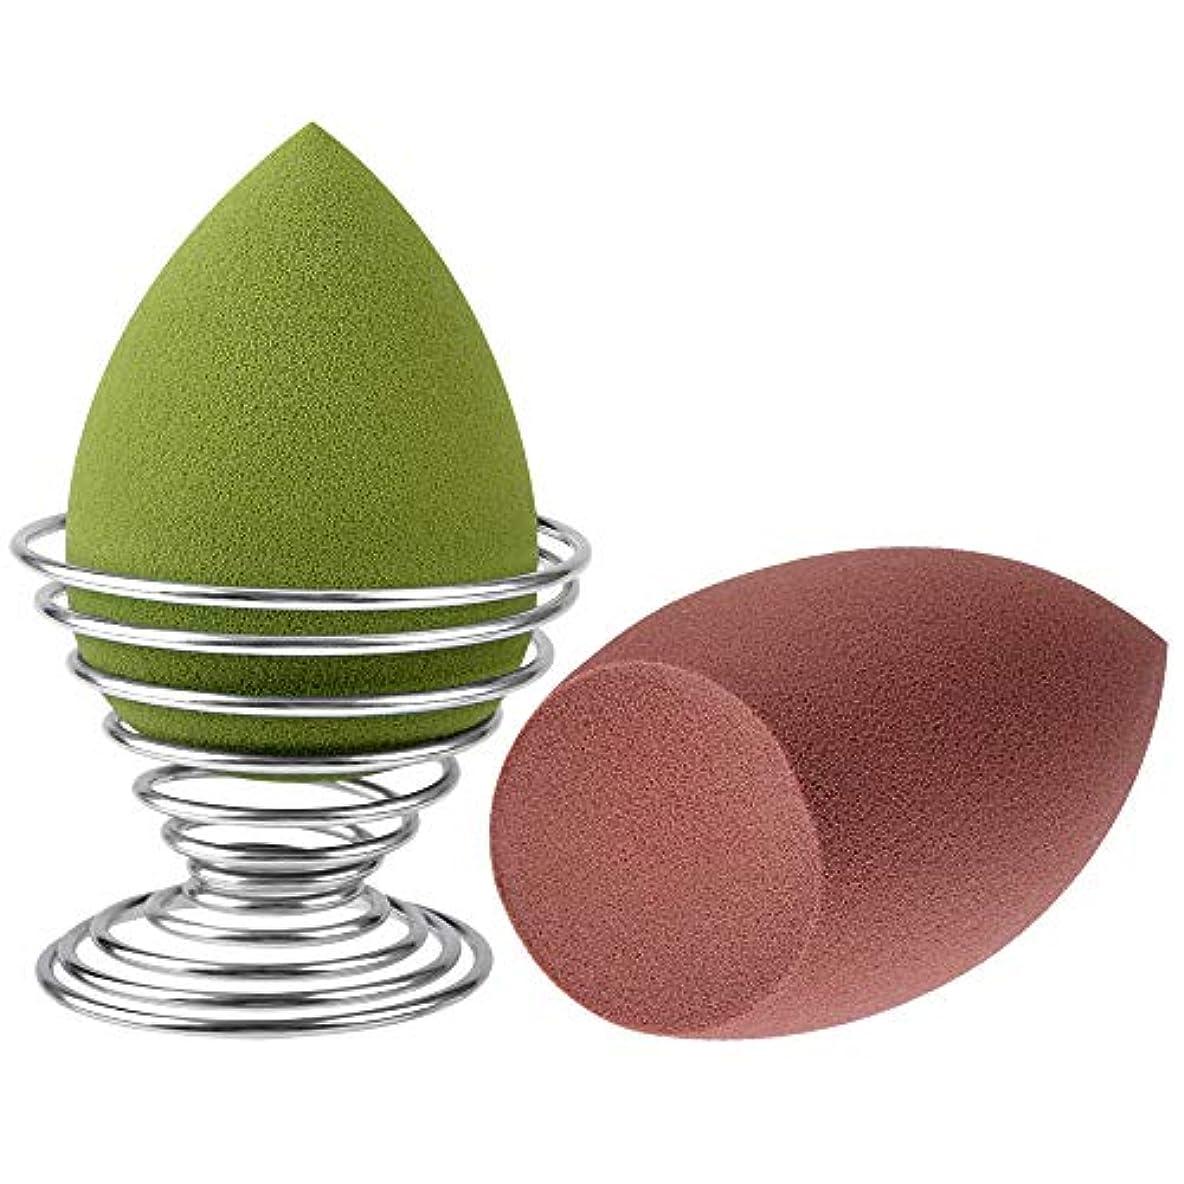 第五マイクハンカチメイクスポンジパフ Ninonly 化粧スポンジ ファンデーションパフ 人気の贈り物 乾湿兼用 しずく型 収納ホルダー付き